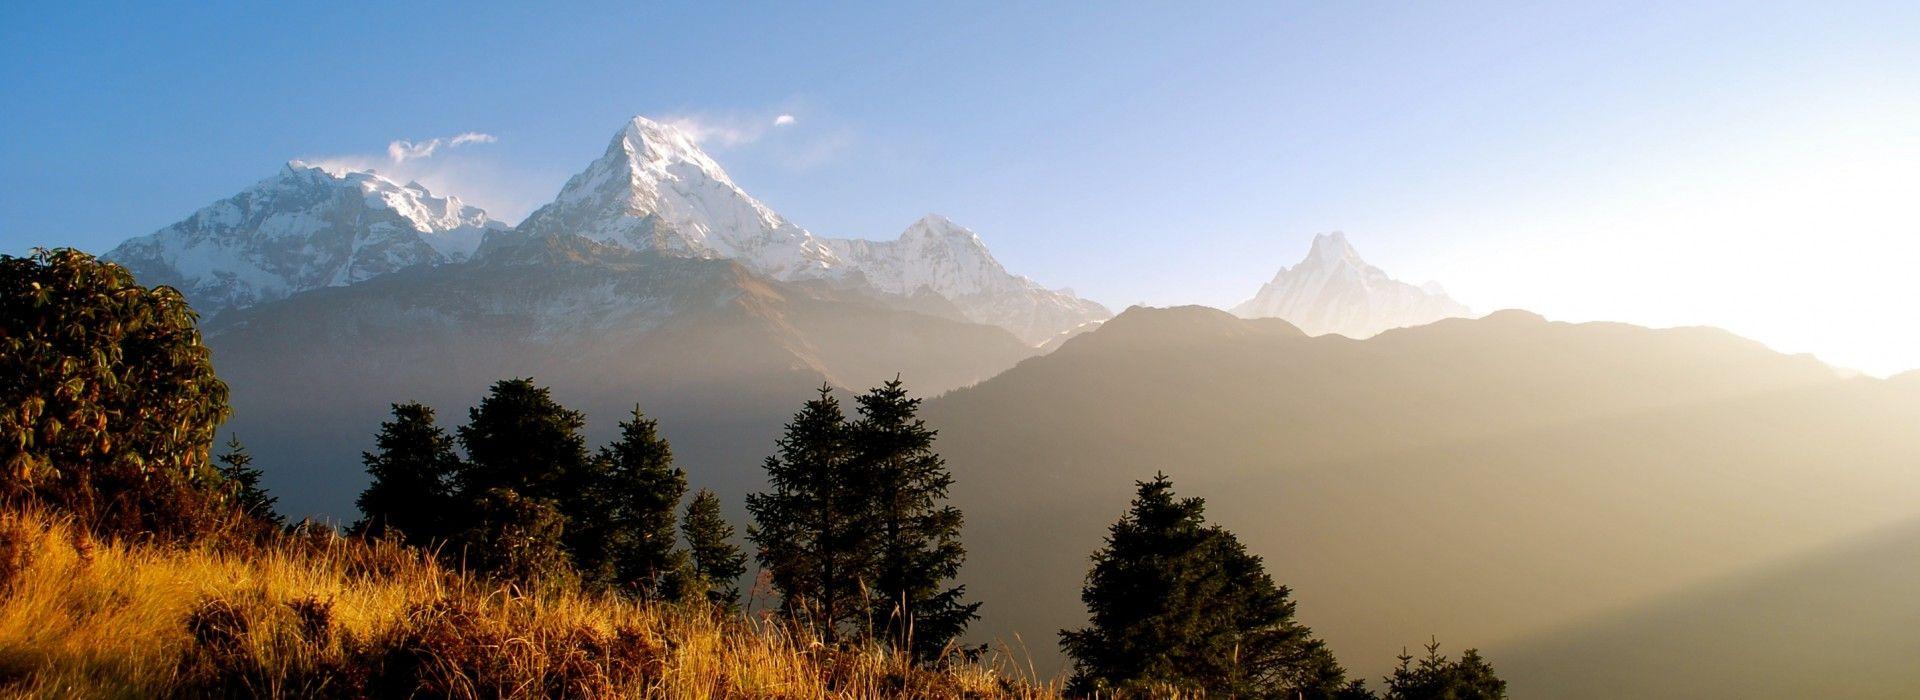 Trekking Tours in Langtang trek